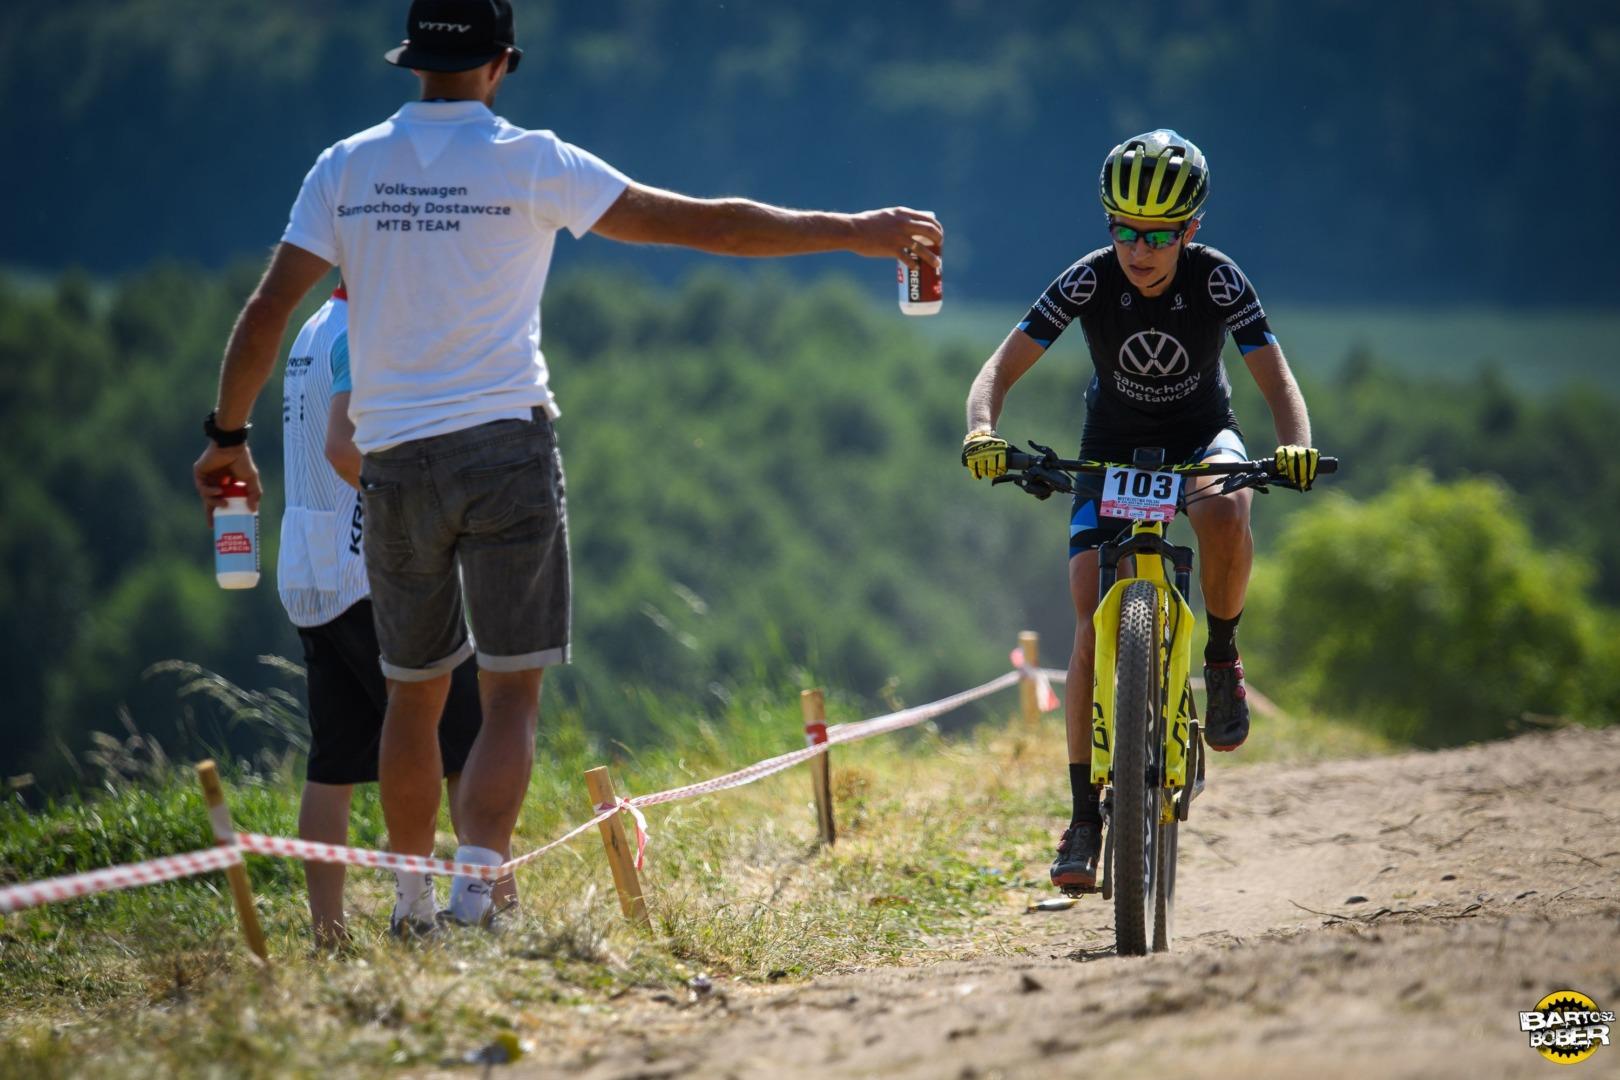 """Zawodnicy """"Volkswagena"""" komentują bardzo udane starty w Mistrzostwach Polski w kolarstwie górskim"""